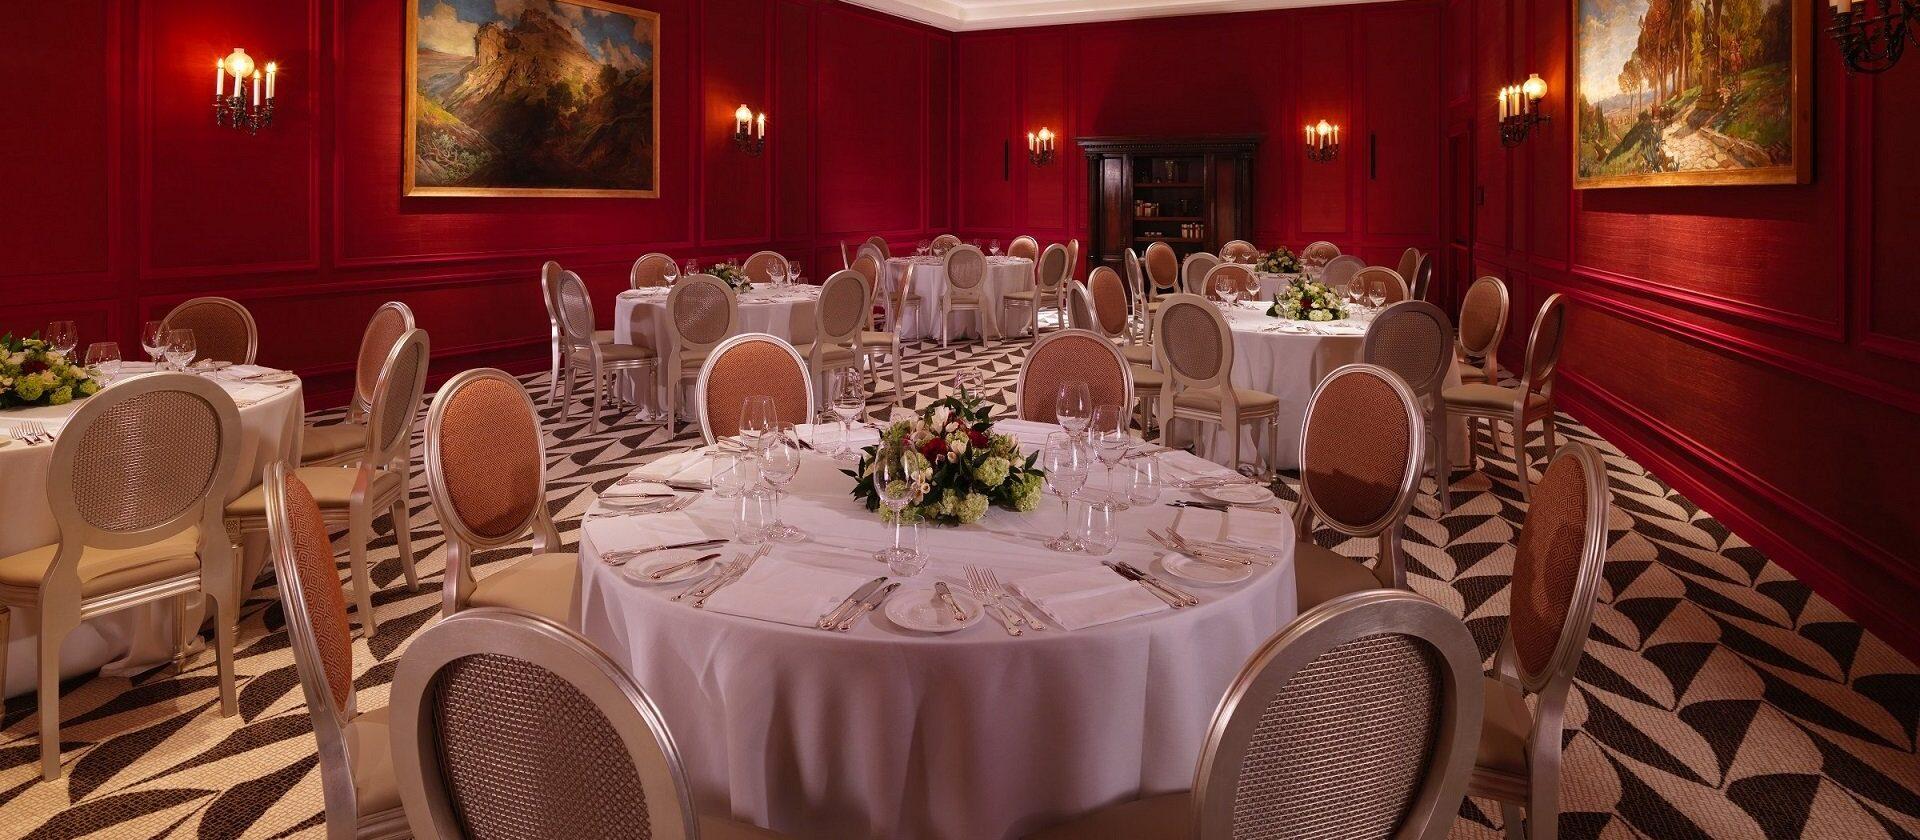 Banqueting at Sala Borghese at Hotel Eden